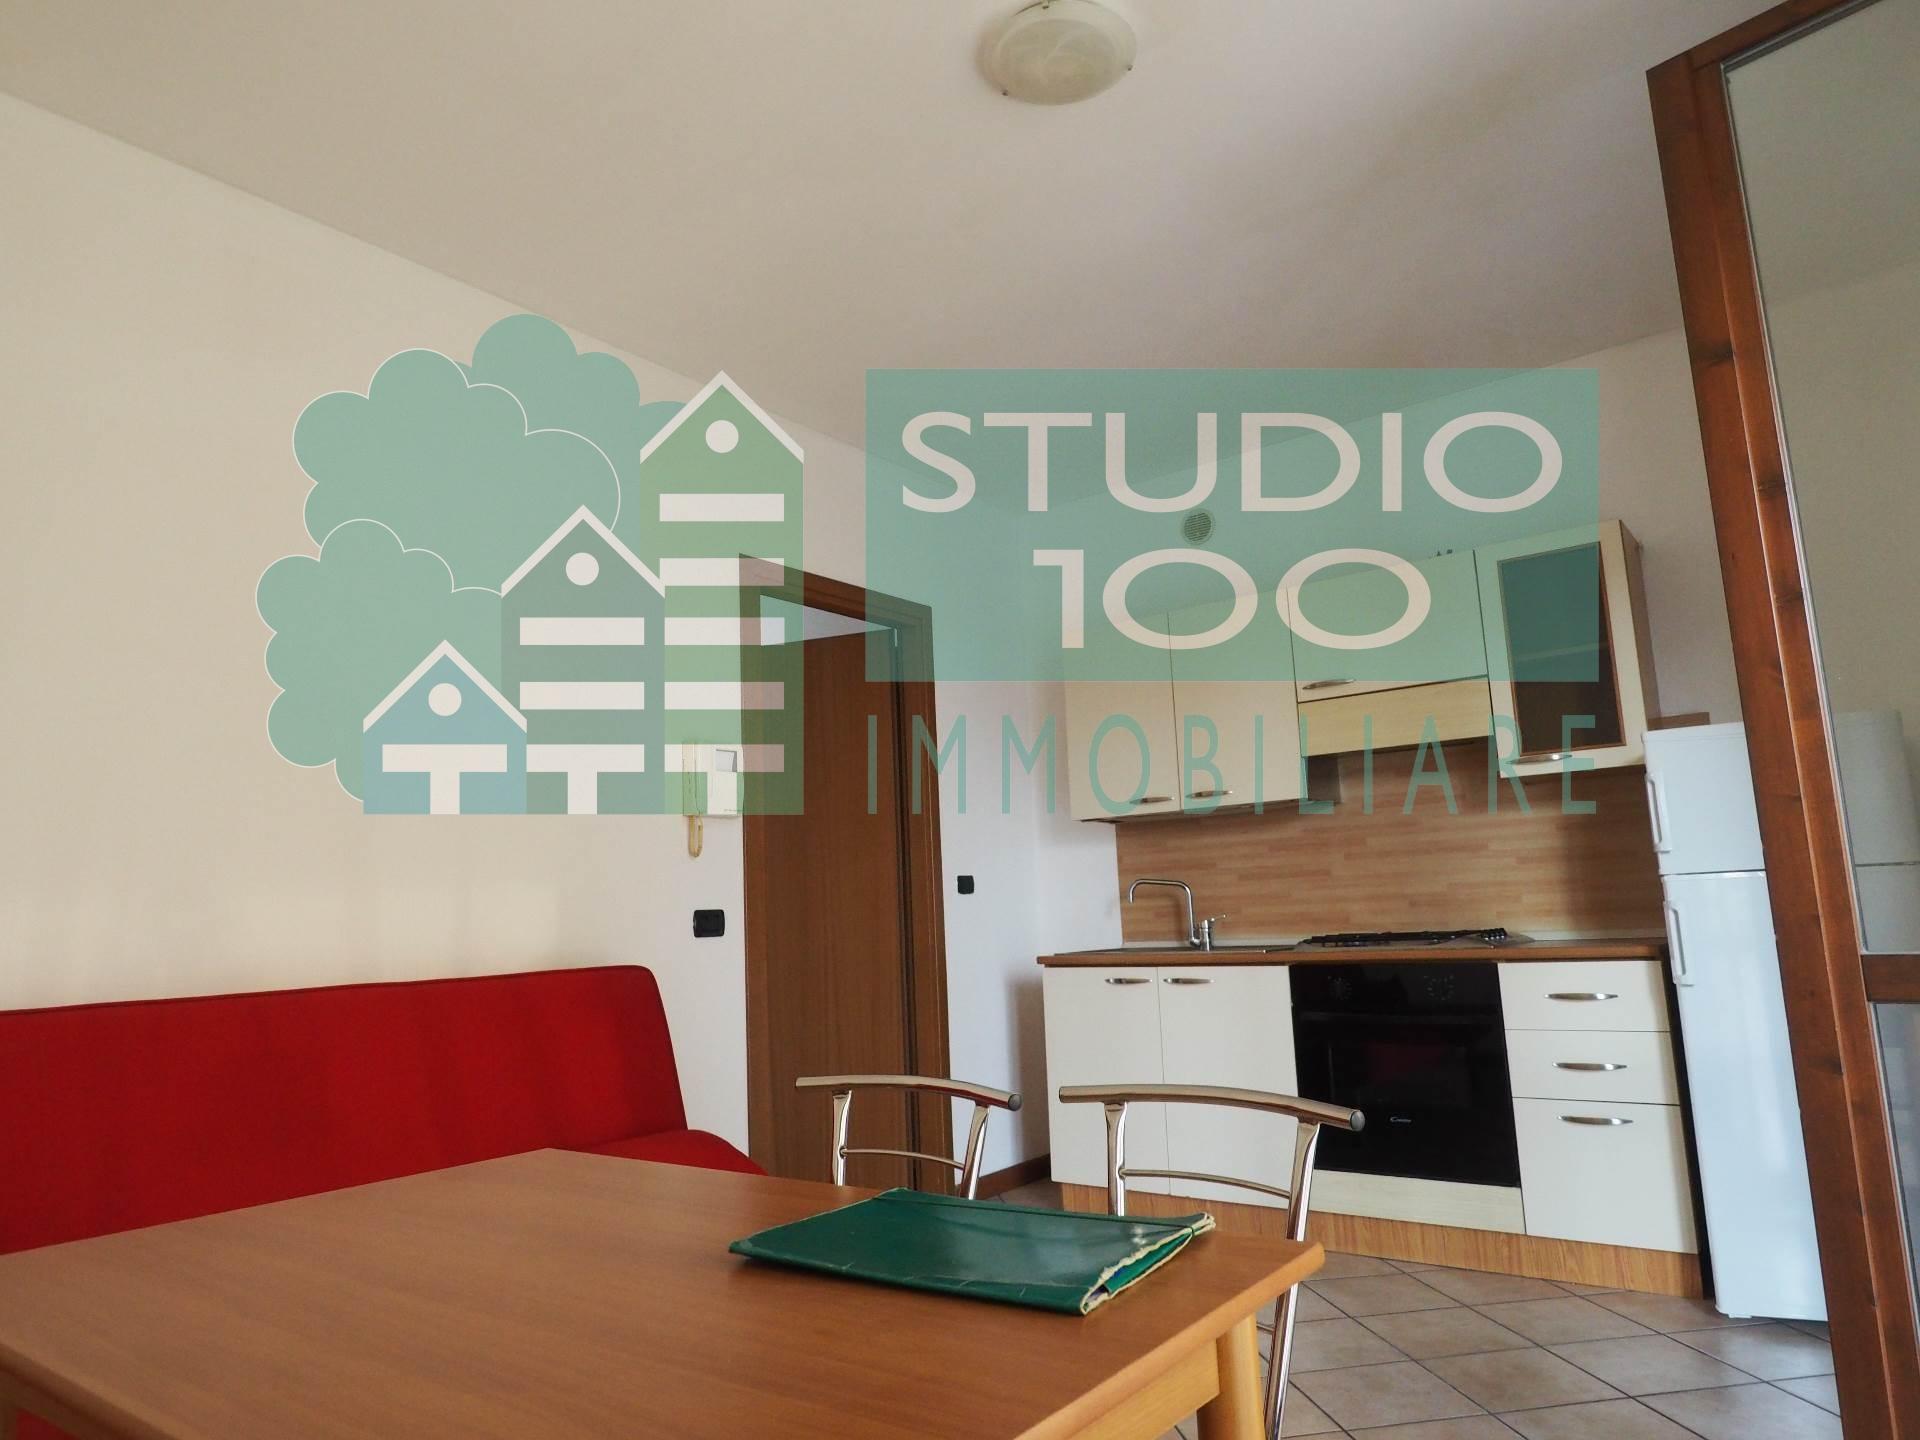 Appartamento in affitto a Cardano al Campo, 2 locali, zona Zona: Cuoricino, prezzo € 68.000 | CambioCasa.it